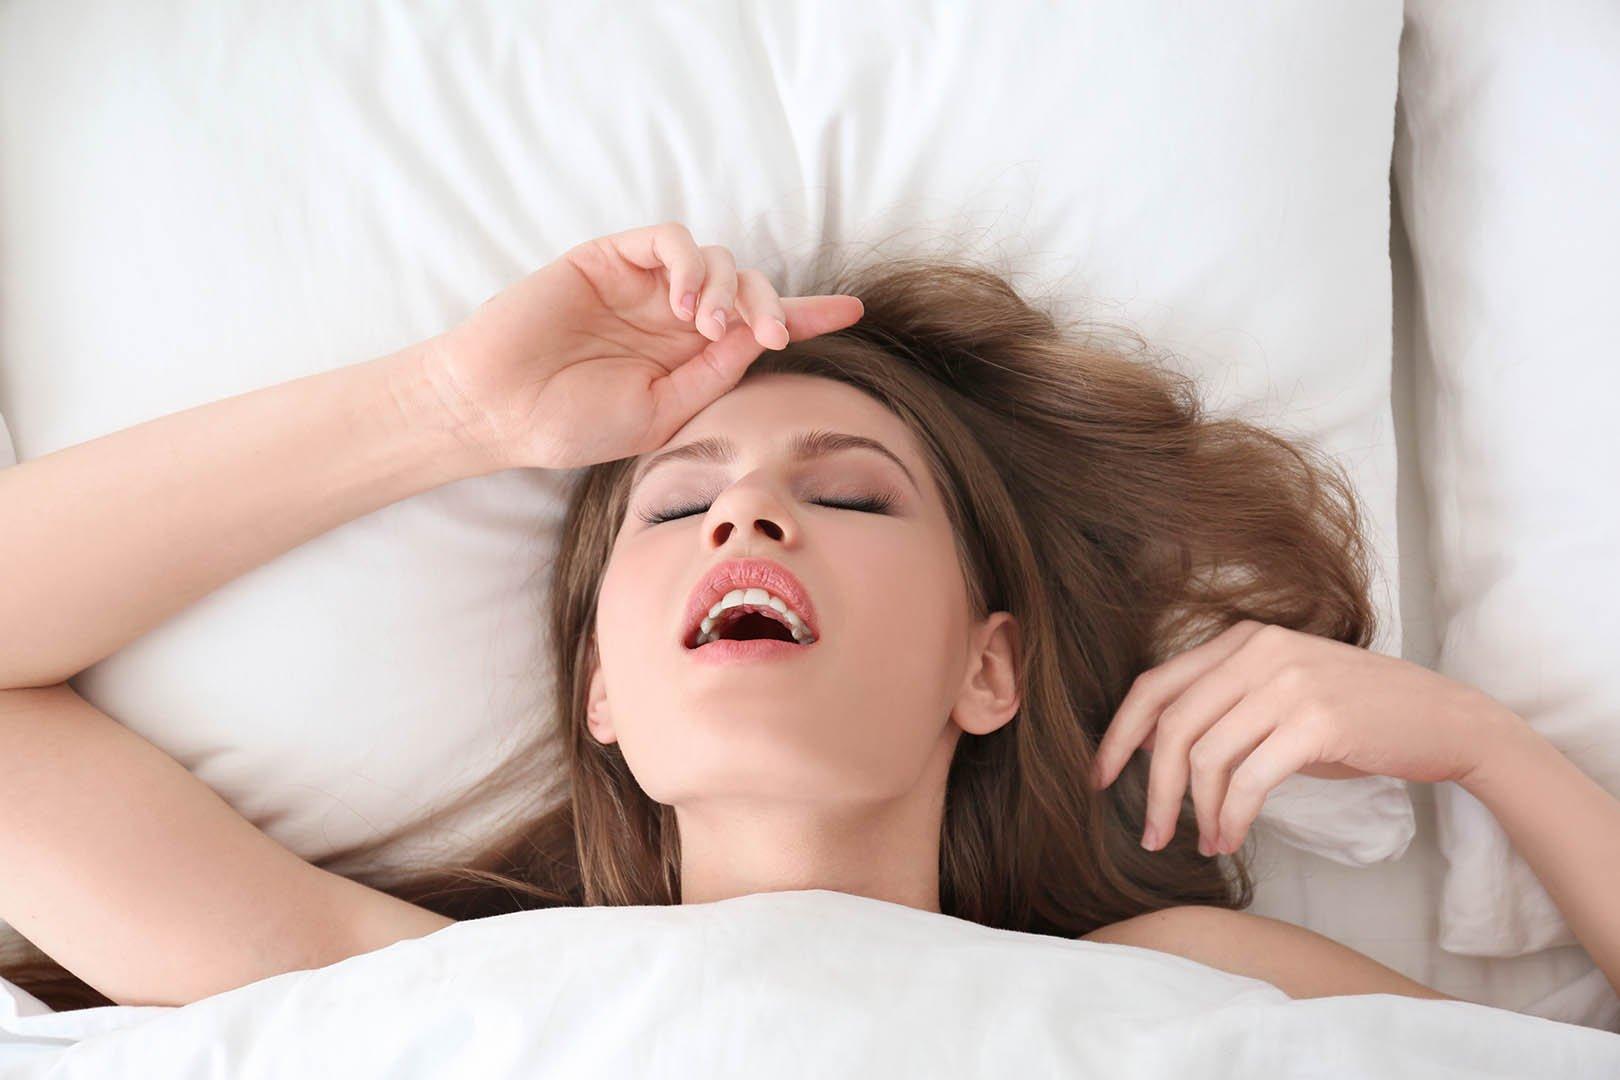 Bagaimana Mencapai Puncak Orgasme Pada Wanita?   Lifepack.id